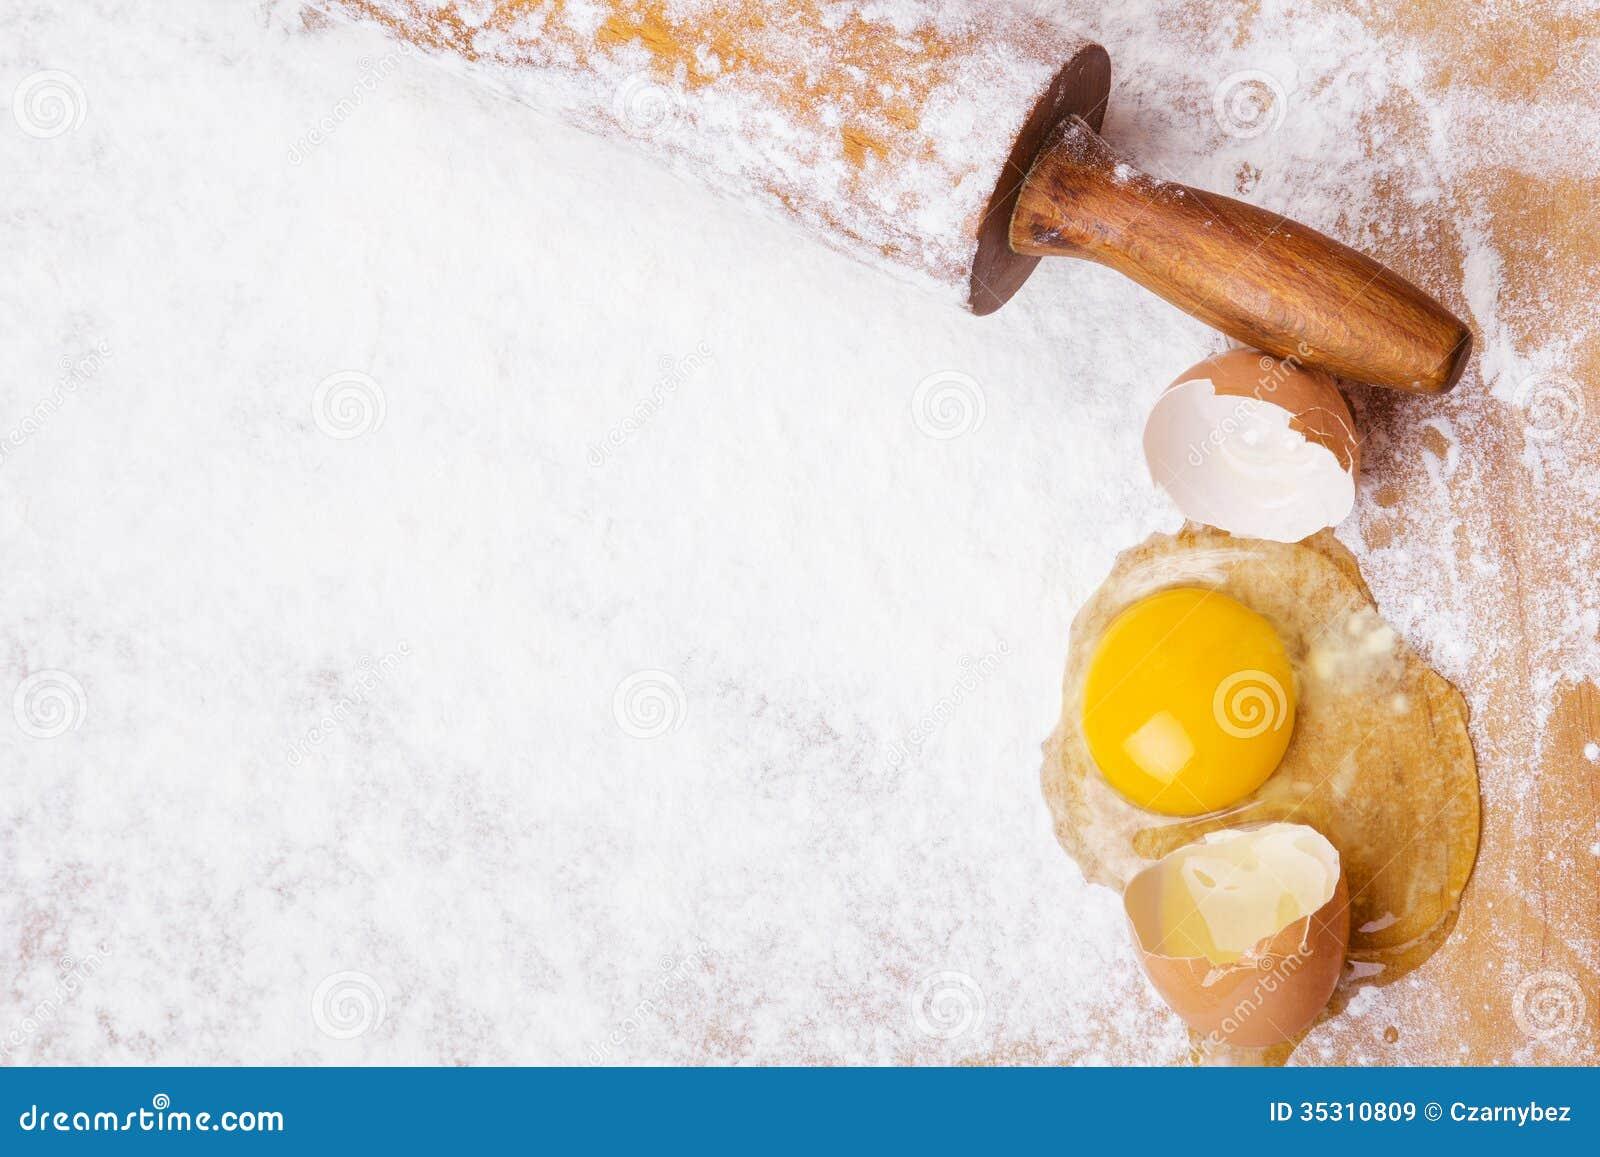 Baking Background Royalty Free Stock Images - Image: 35310809